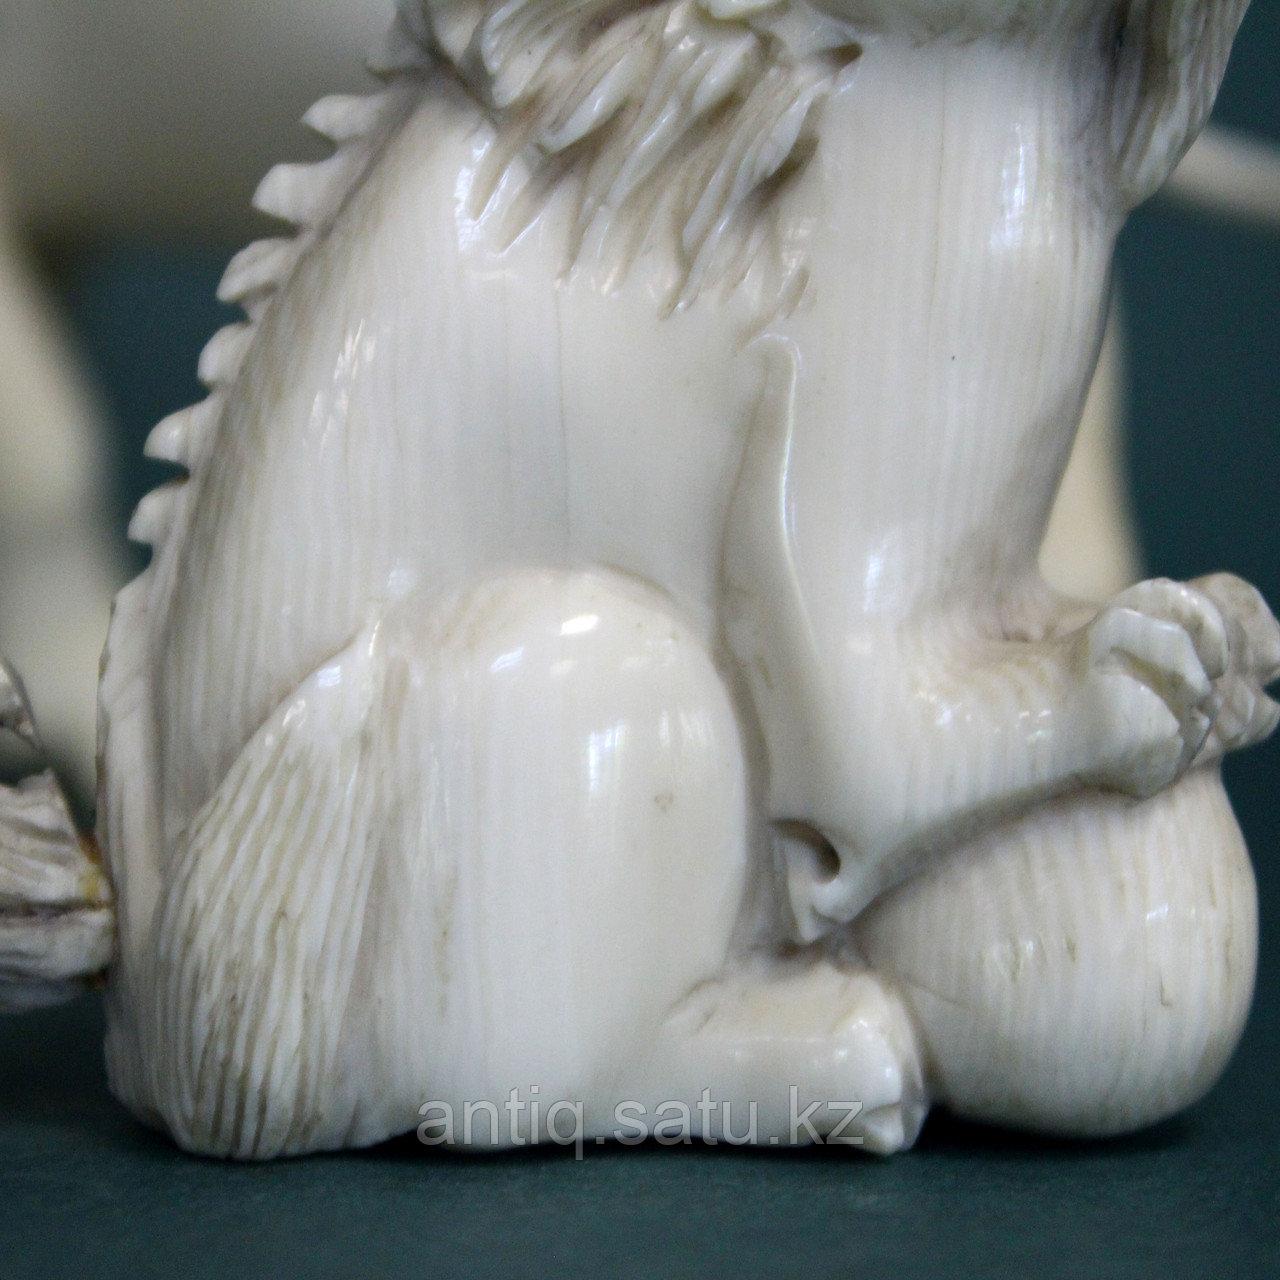 Слоновая кость. Карасиси Фо - небесный лев Будды. 52гр. - фото 7